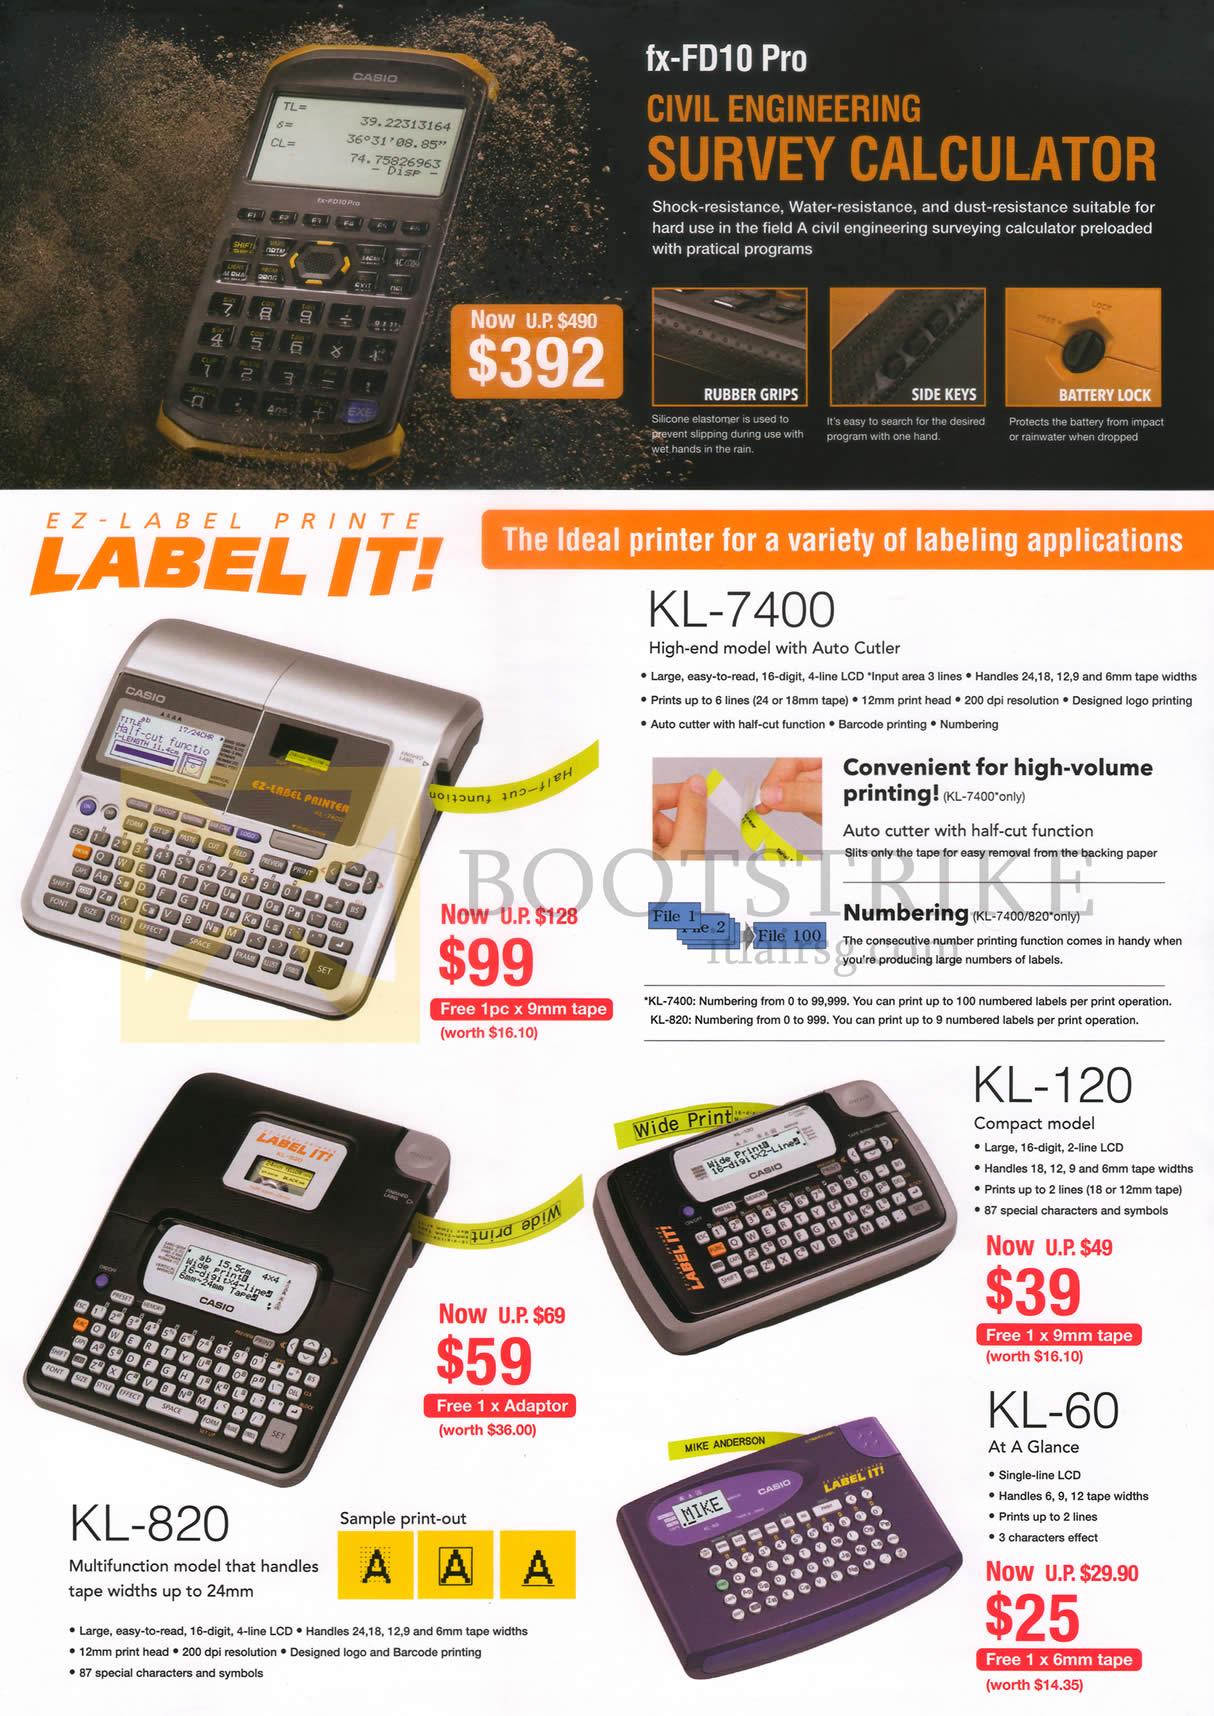 IT SHOW 2015 price list image brochure of Casio Labellers Ez-Label Printe Label It KL-7400, 820, 120, 60, Fx-FD10 Pro Survey Calculator